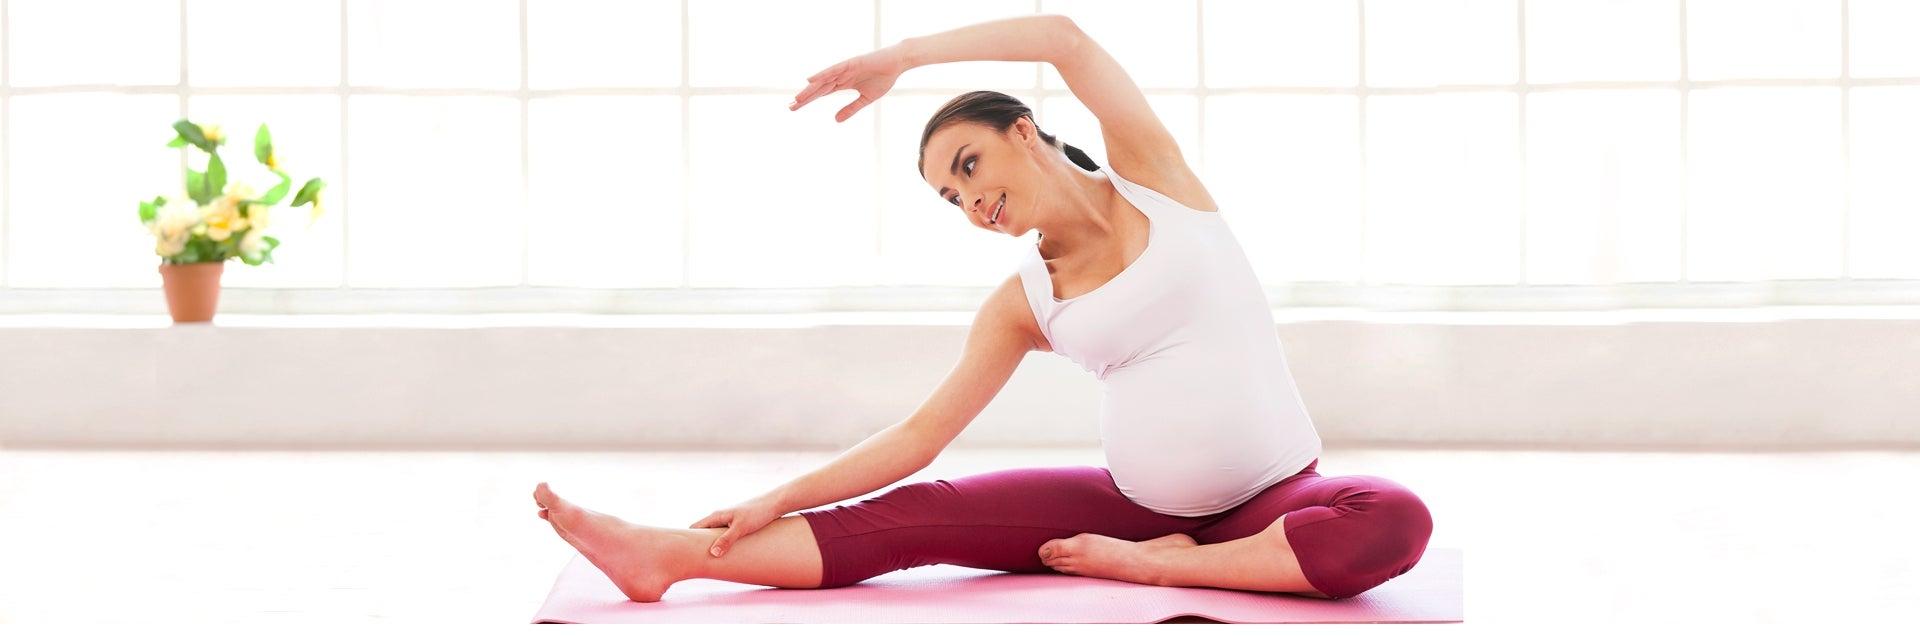 pregnancy-week-by-week-banner-week-12